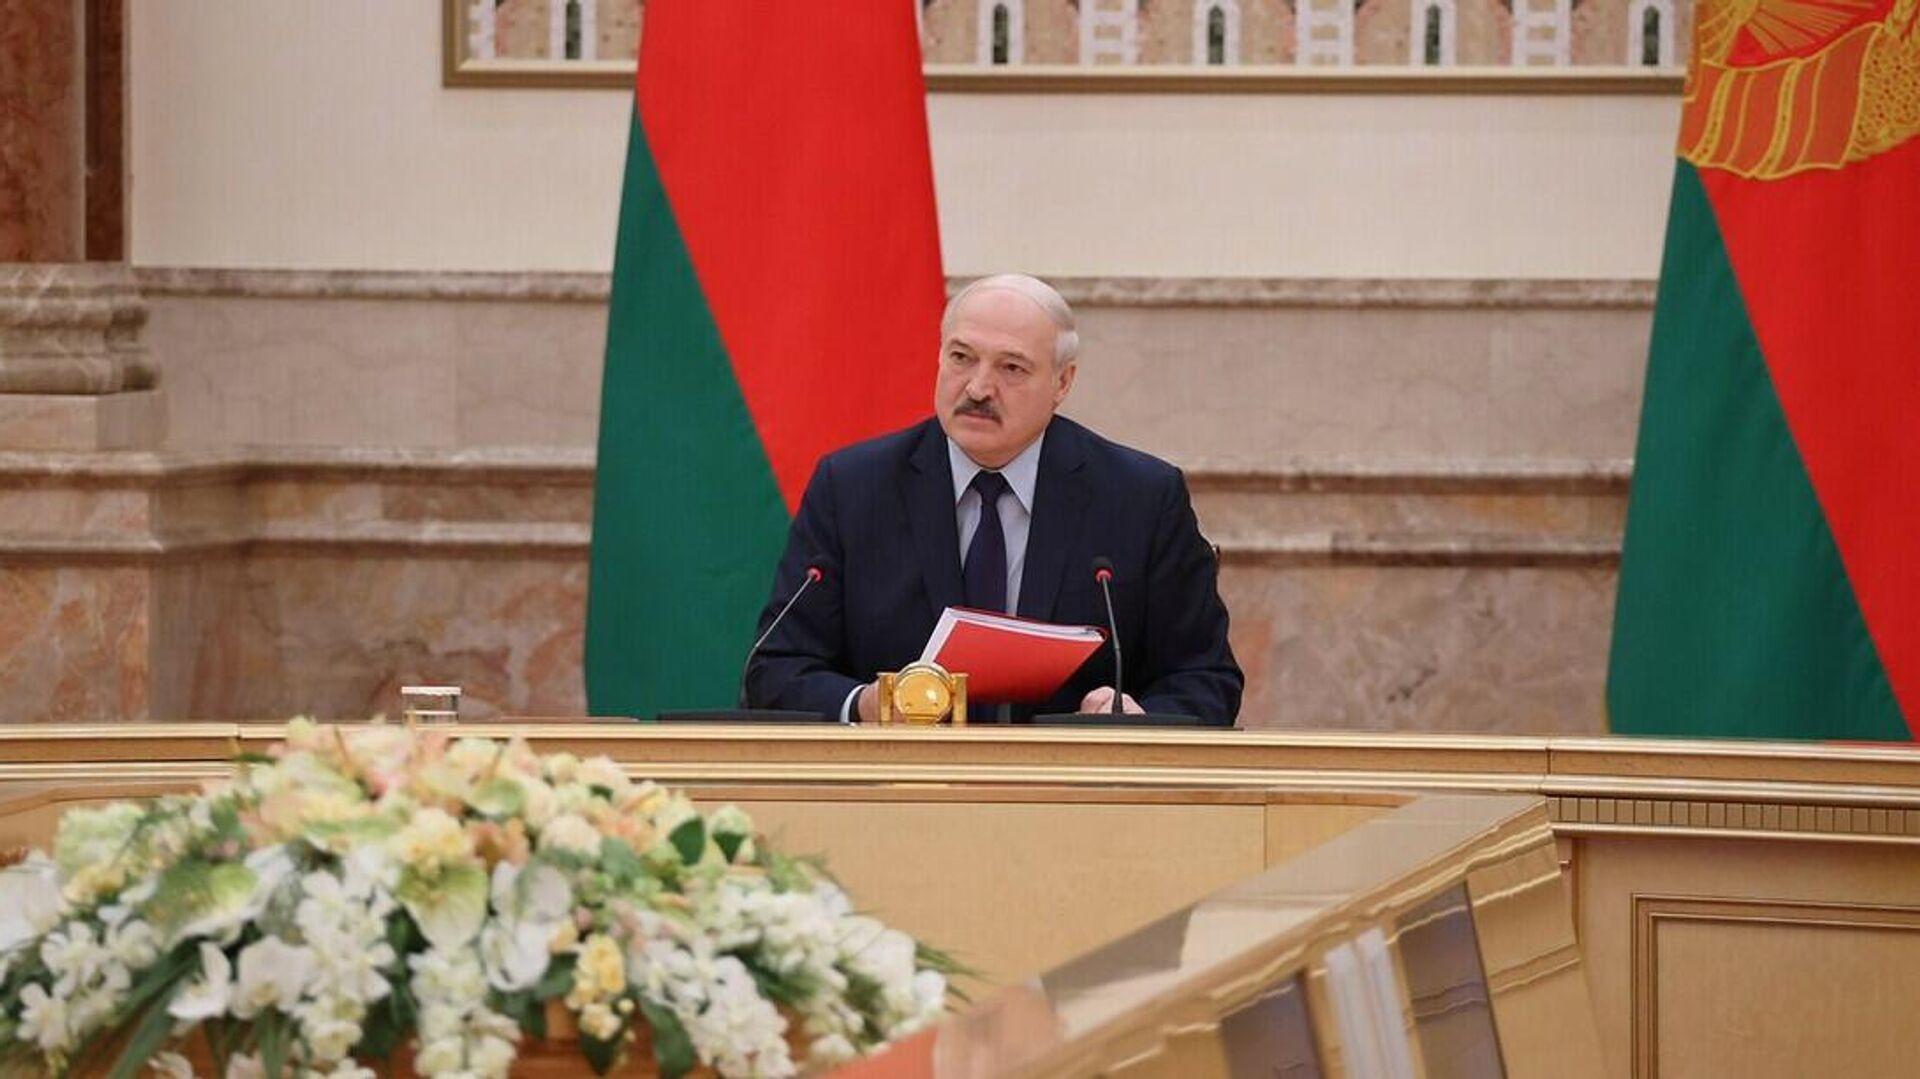 Лукашенко выступил за рассмотрение вопроса о смертной казни на референдуме  - Sputnik Беларусь, 1920, 28.09.2021